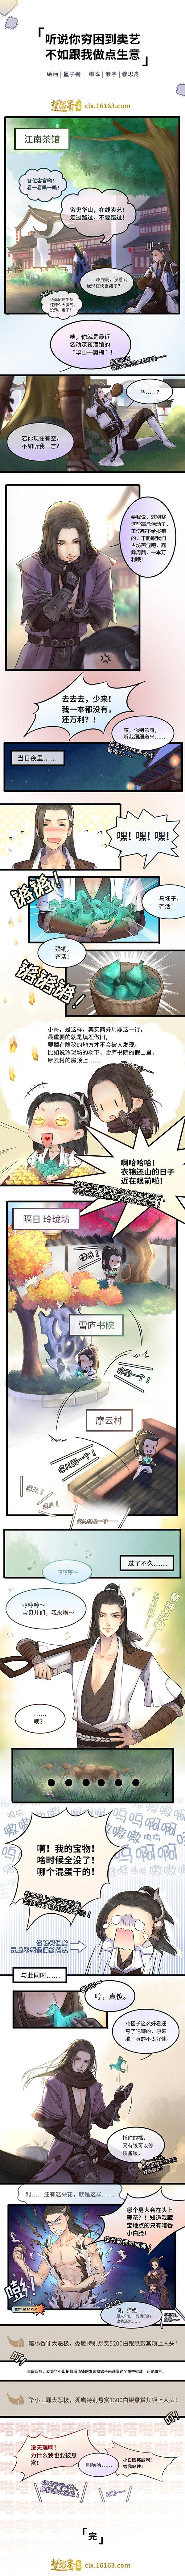 【江湖笔墨客】[楚留香漫画]听说你穷困到卖艺 不如跟我做点生意